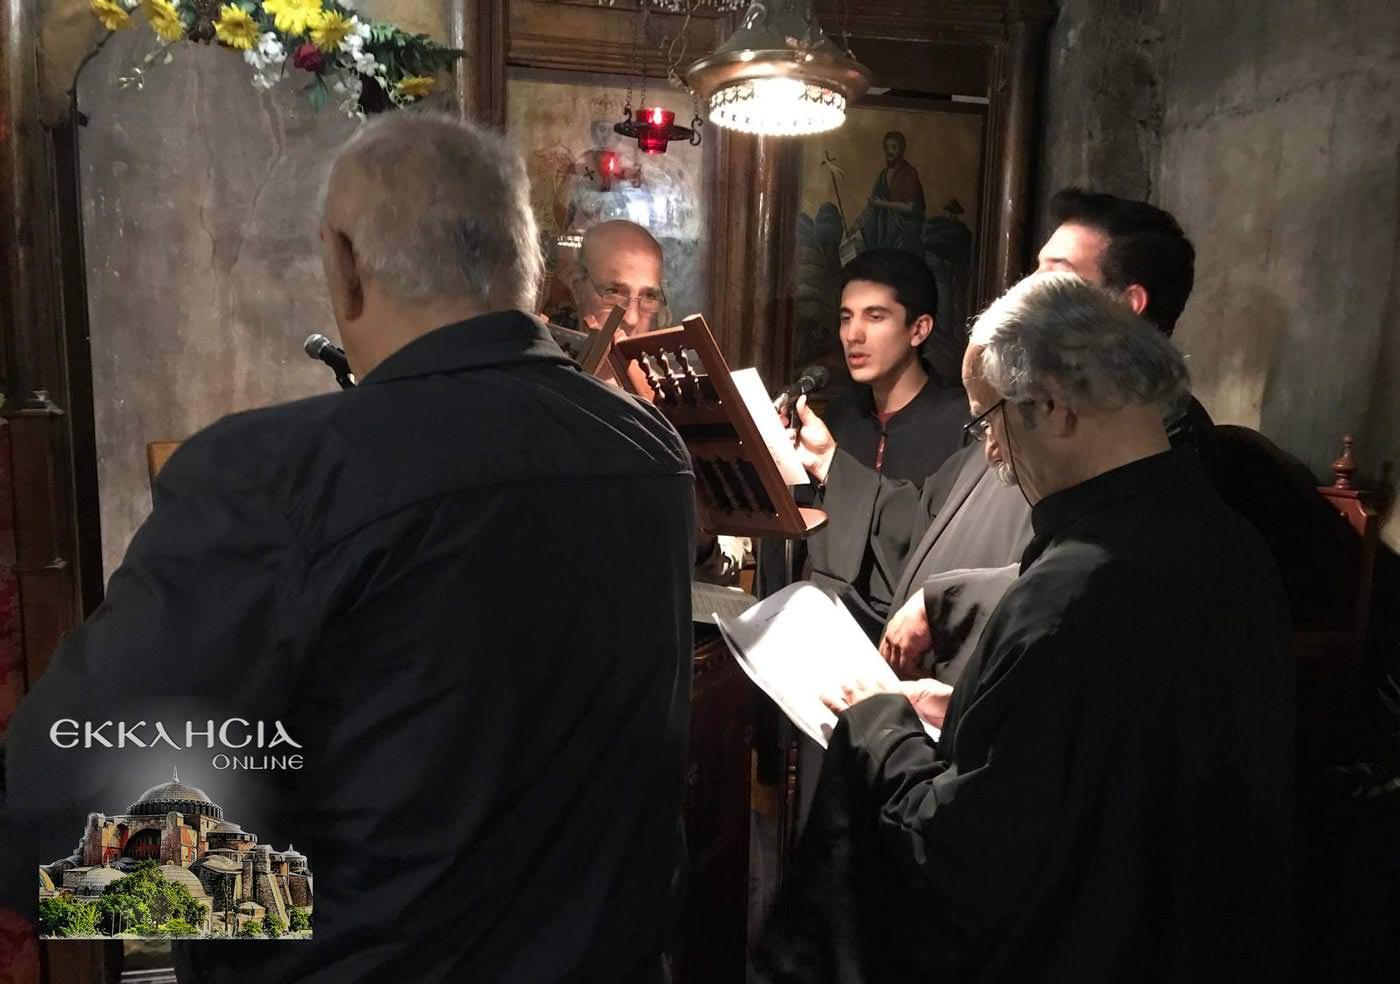 Ιερός Ναός Ταξιαρχών εορτή Μαρούσι 2019